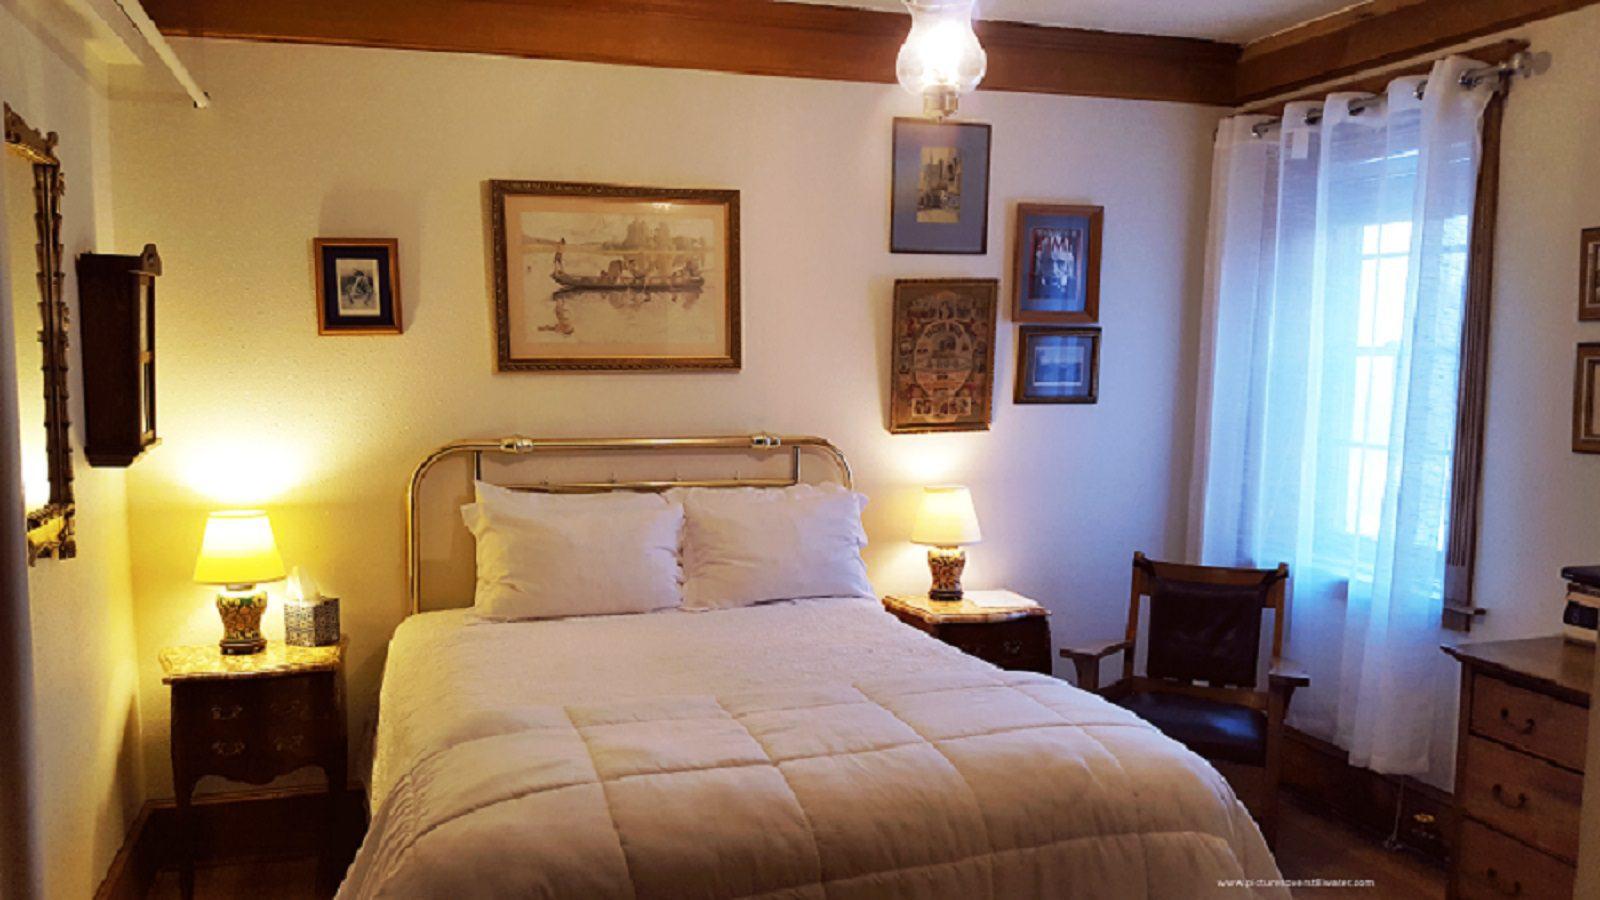 Albert Einstein Room - Bed